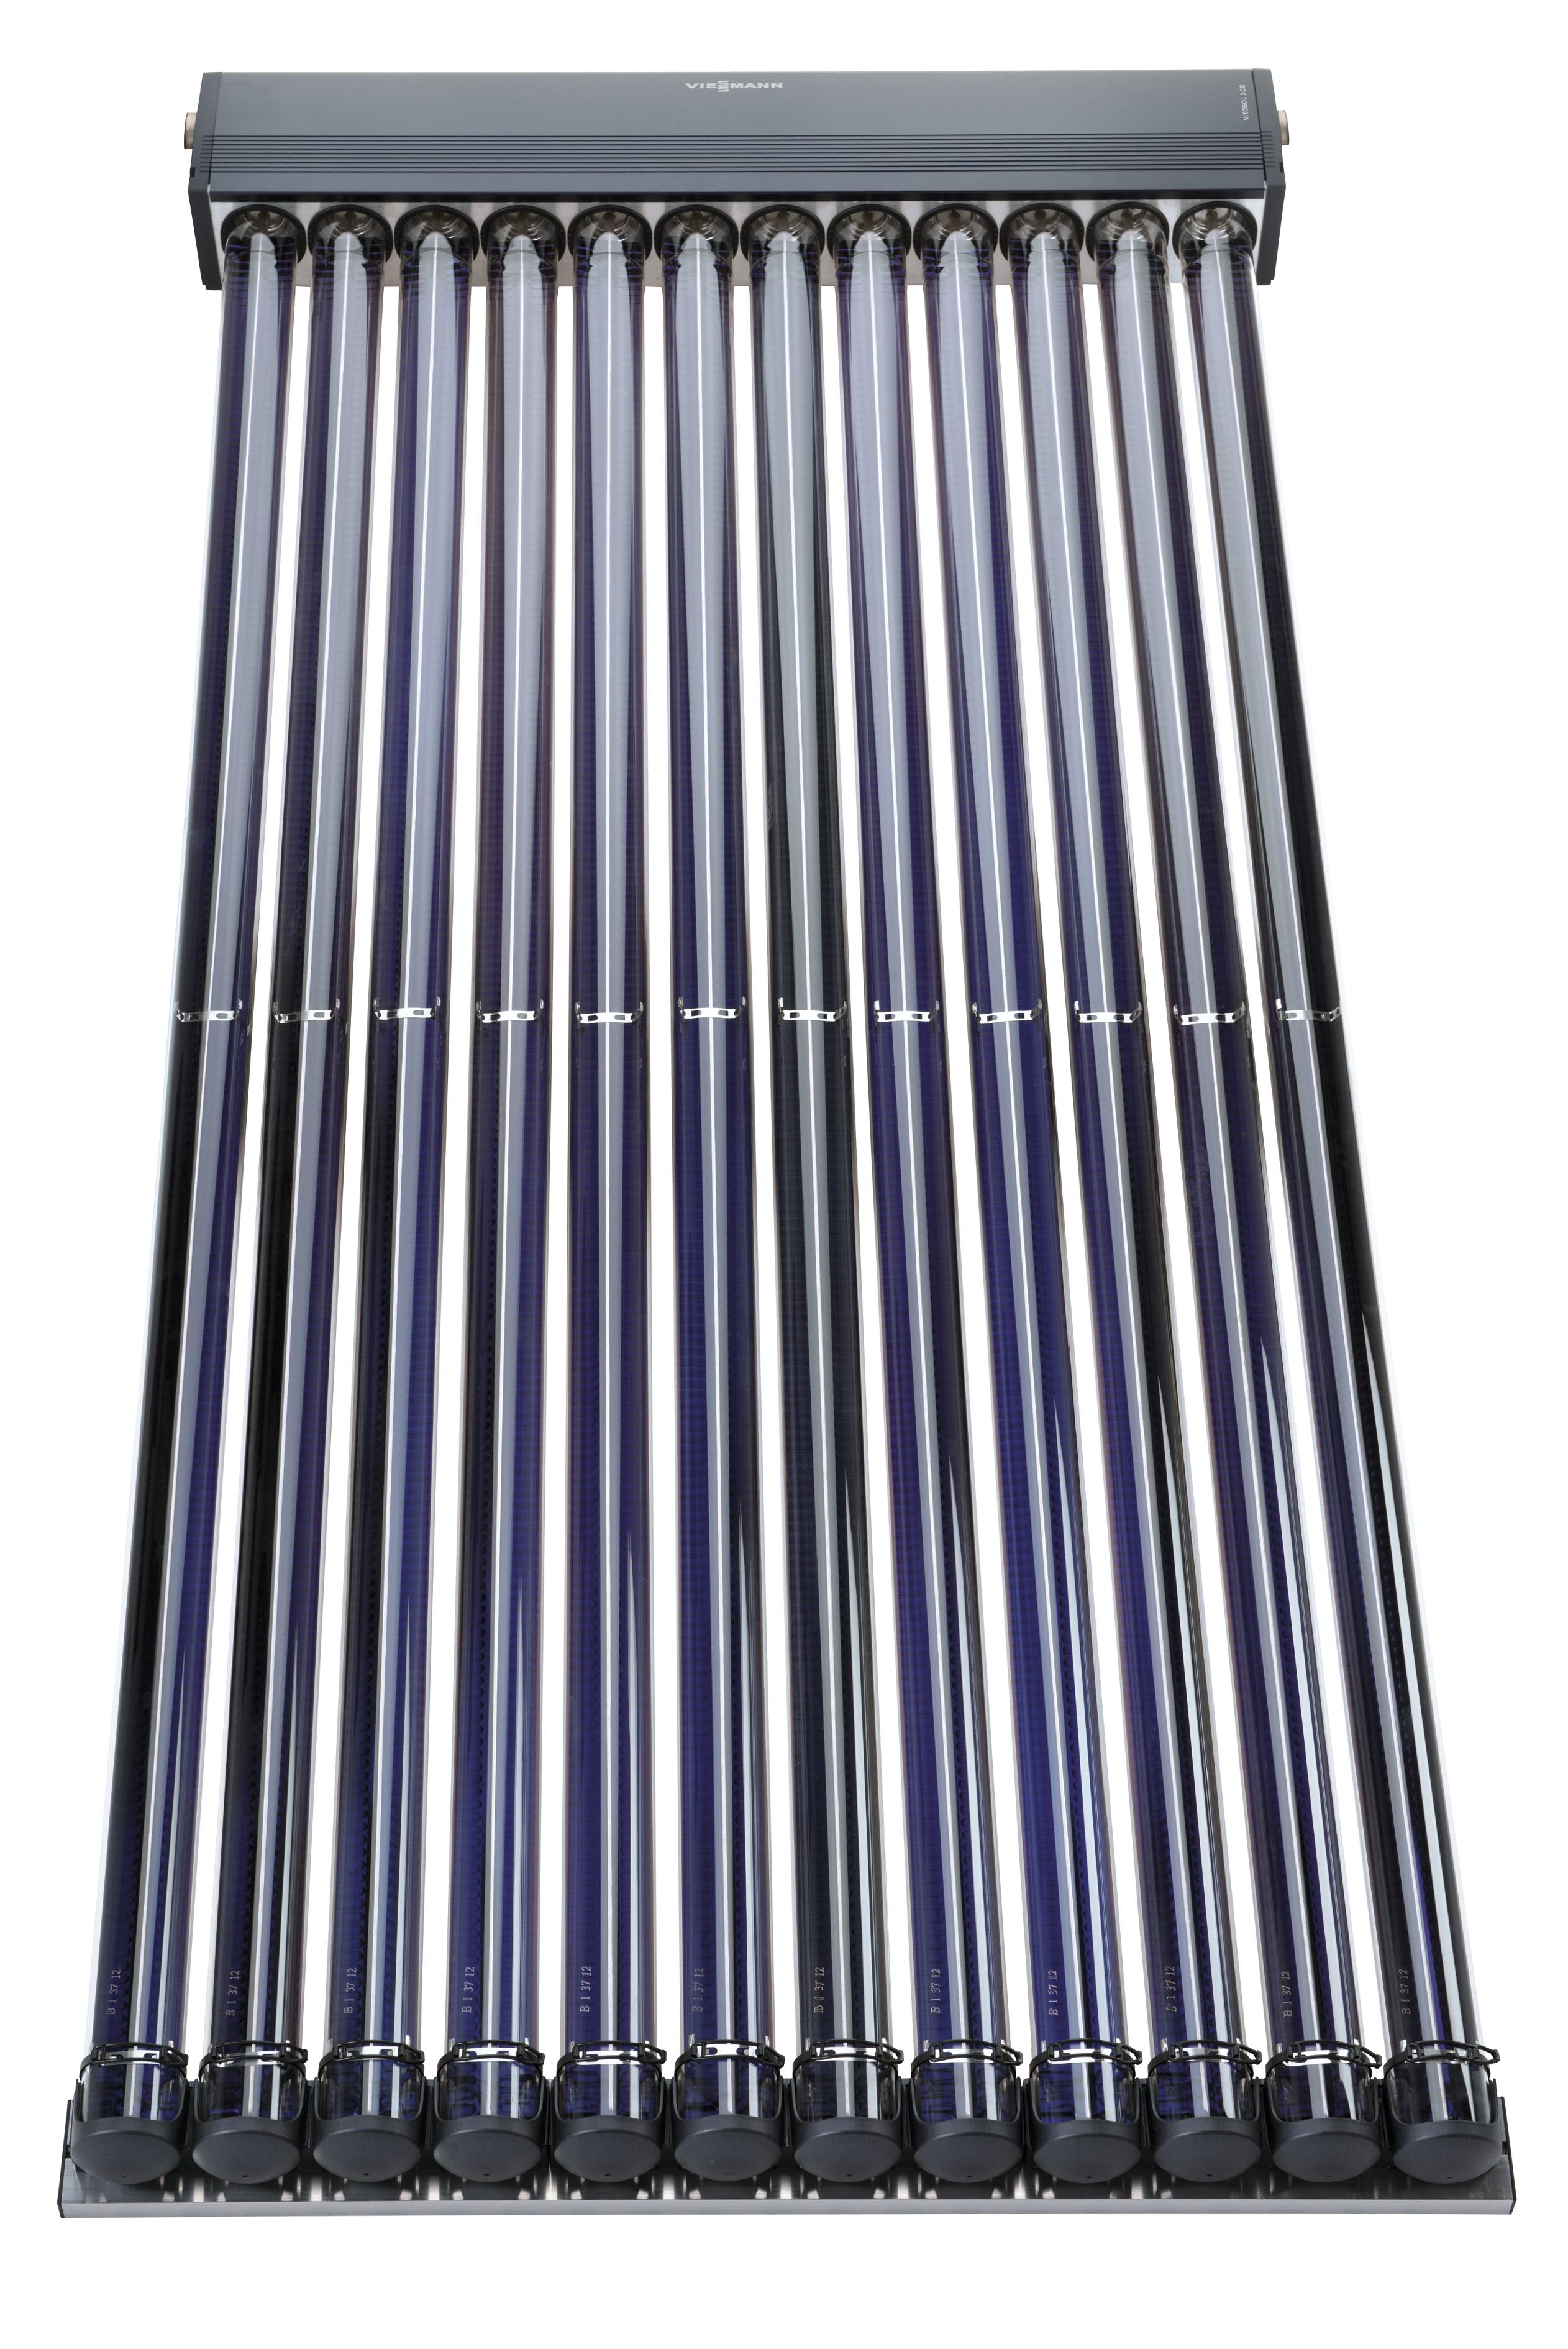 Solární panely, PAVELKA - VTP s.r.o.